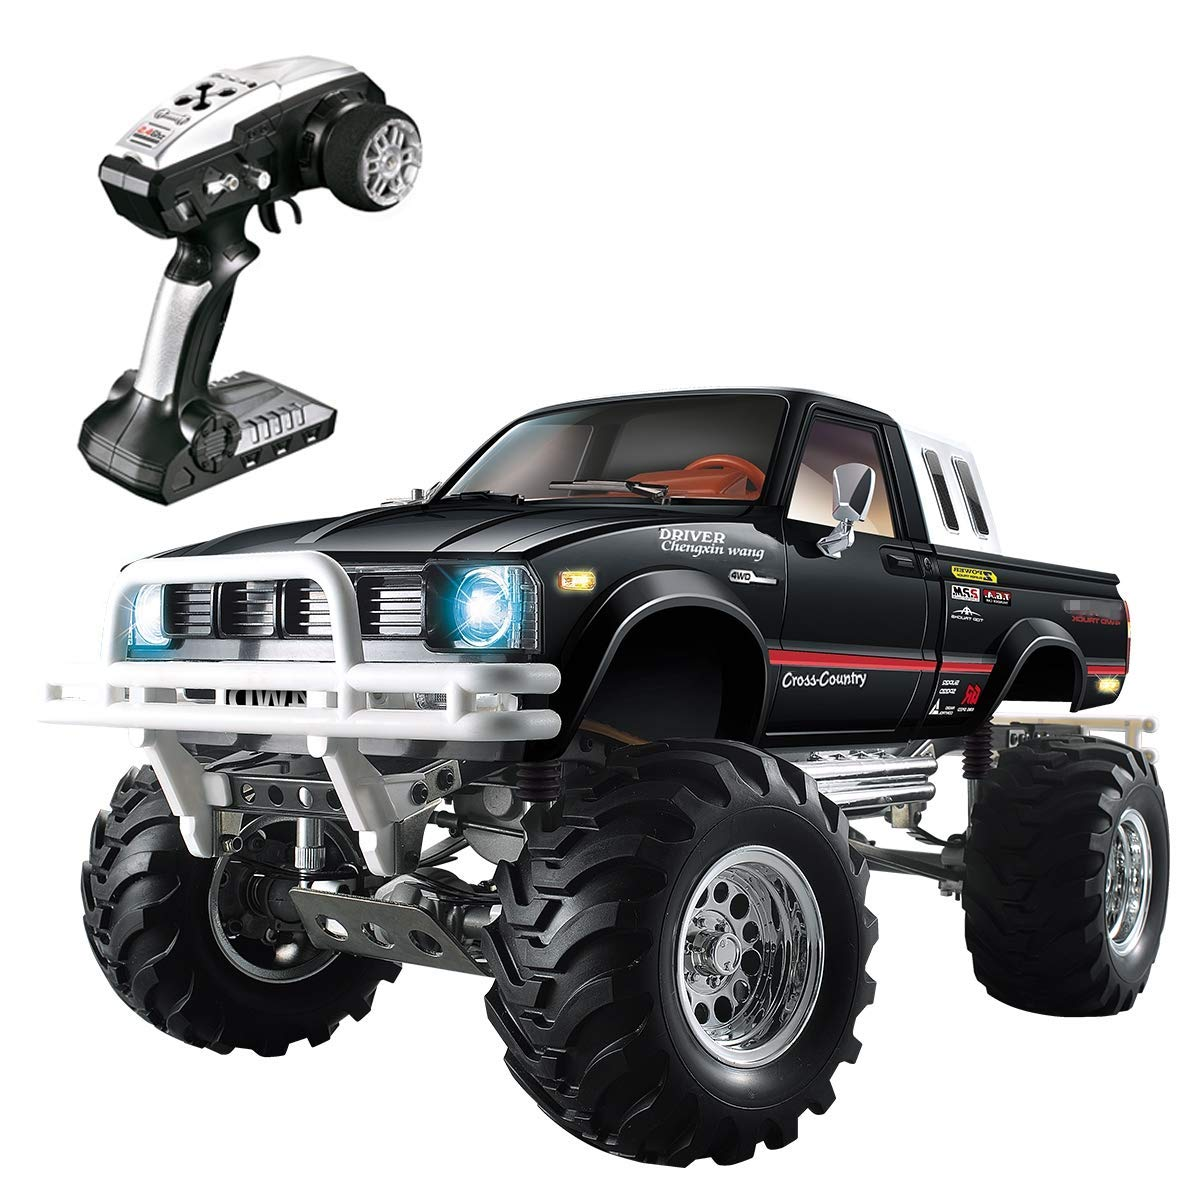 Voiture RC 1/10 échelle radiocommande 4WD tout-terrain camion de décapage grande taille 2.4 Ghz camion télécommandé avec 3 vitesses pour adulte et enfant